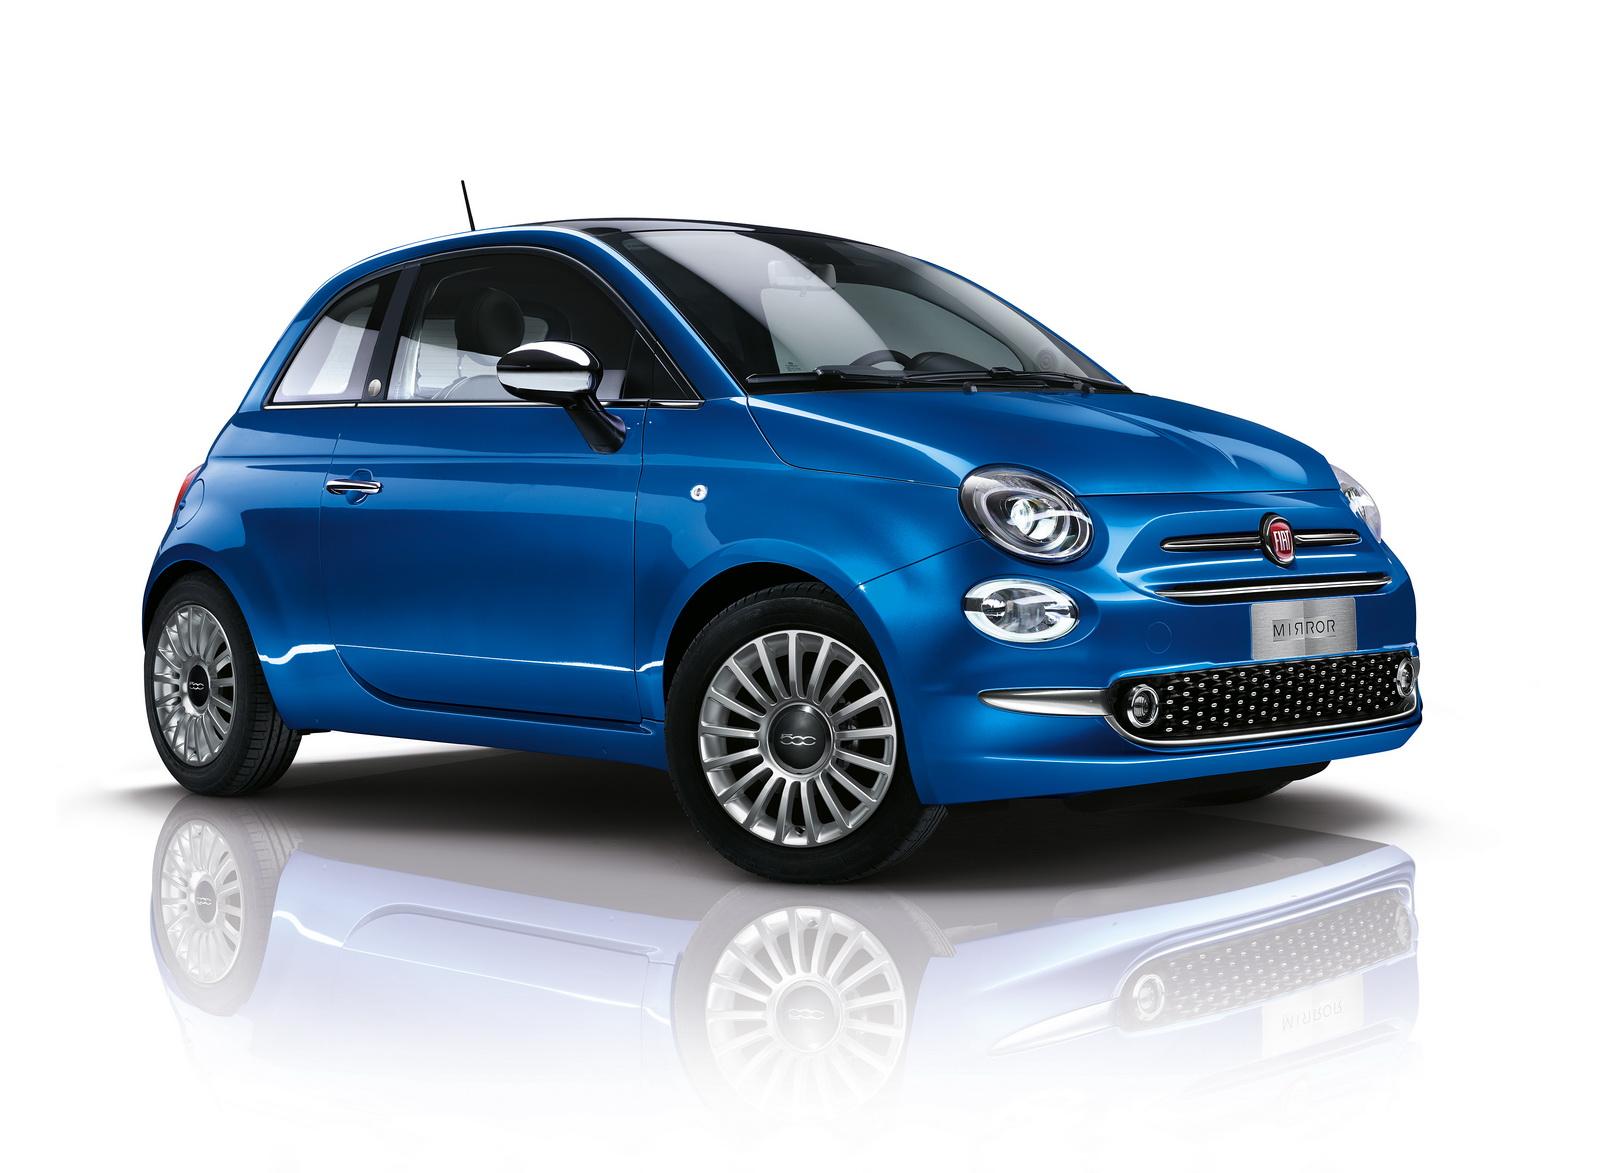 Fiat_Famiglia Mirror_02